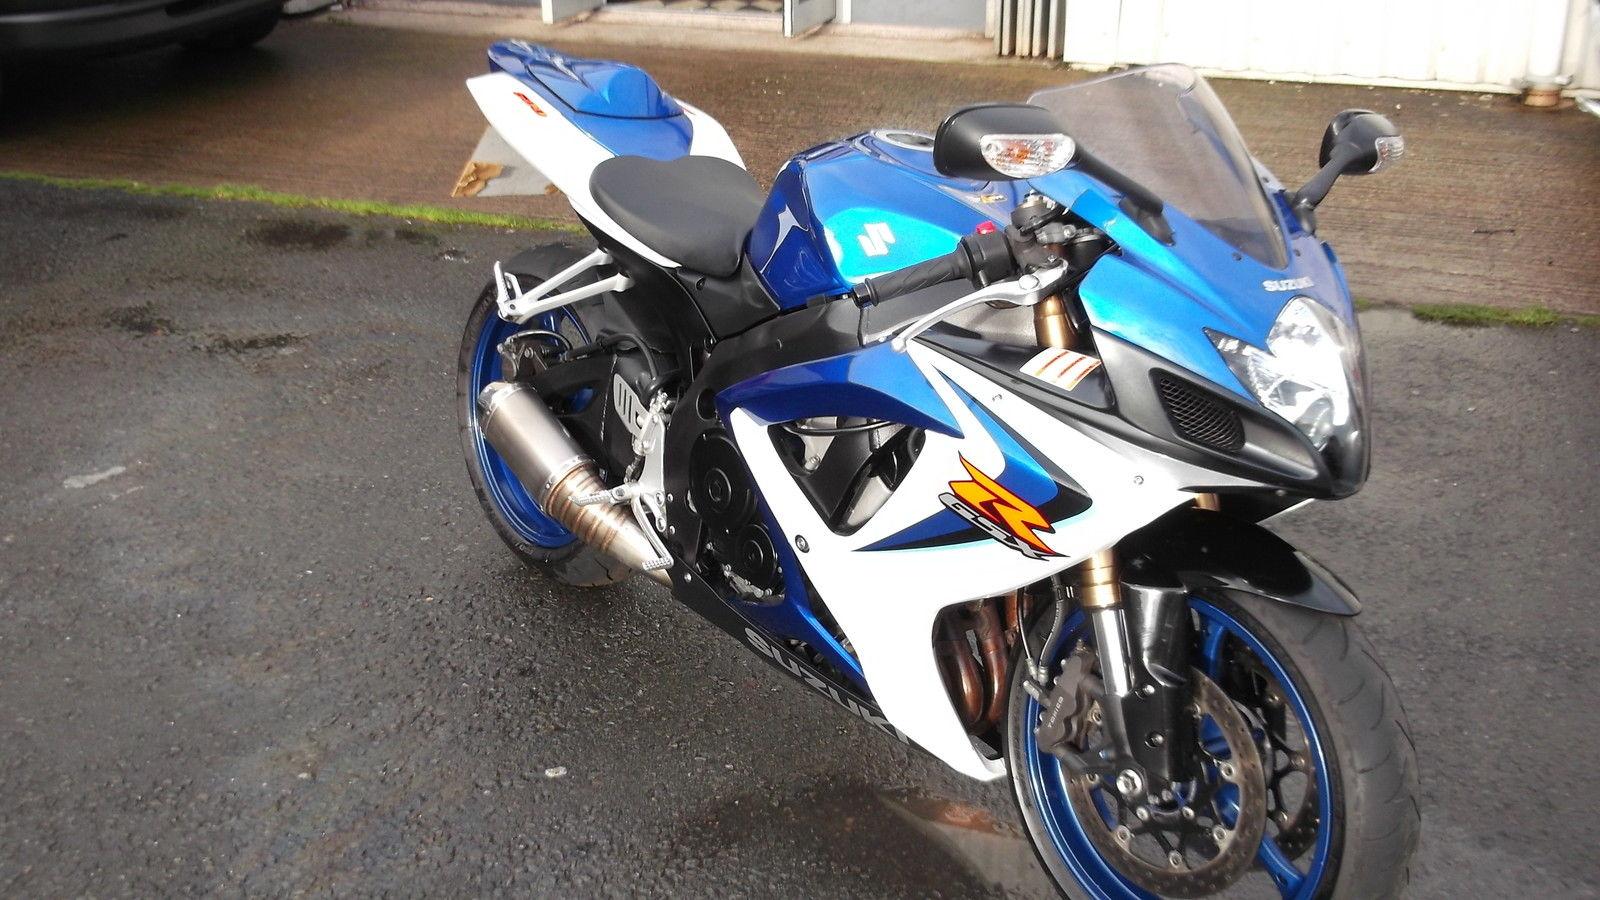 Suzuki Gsxr 600 K6 Blue And White 15092 Miles With Height